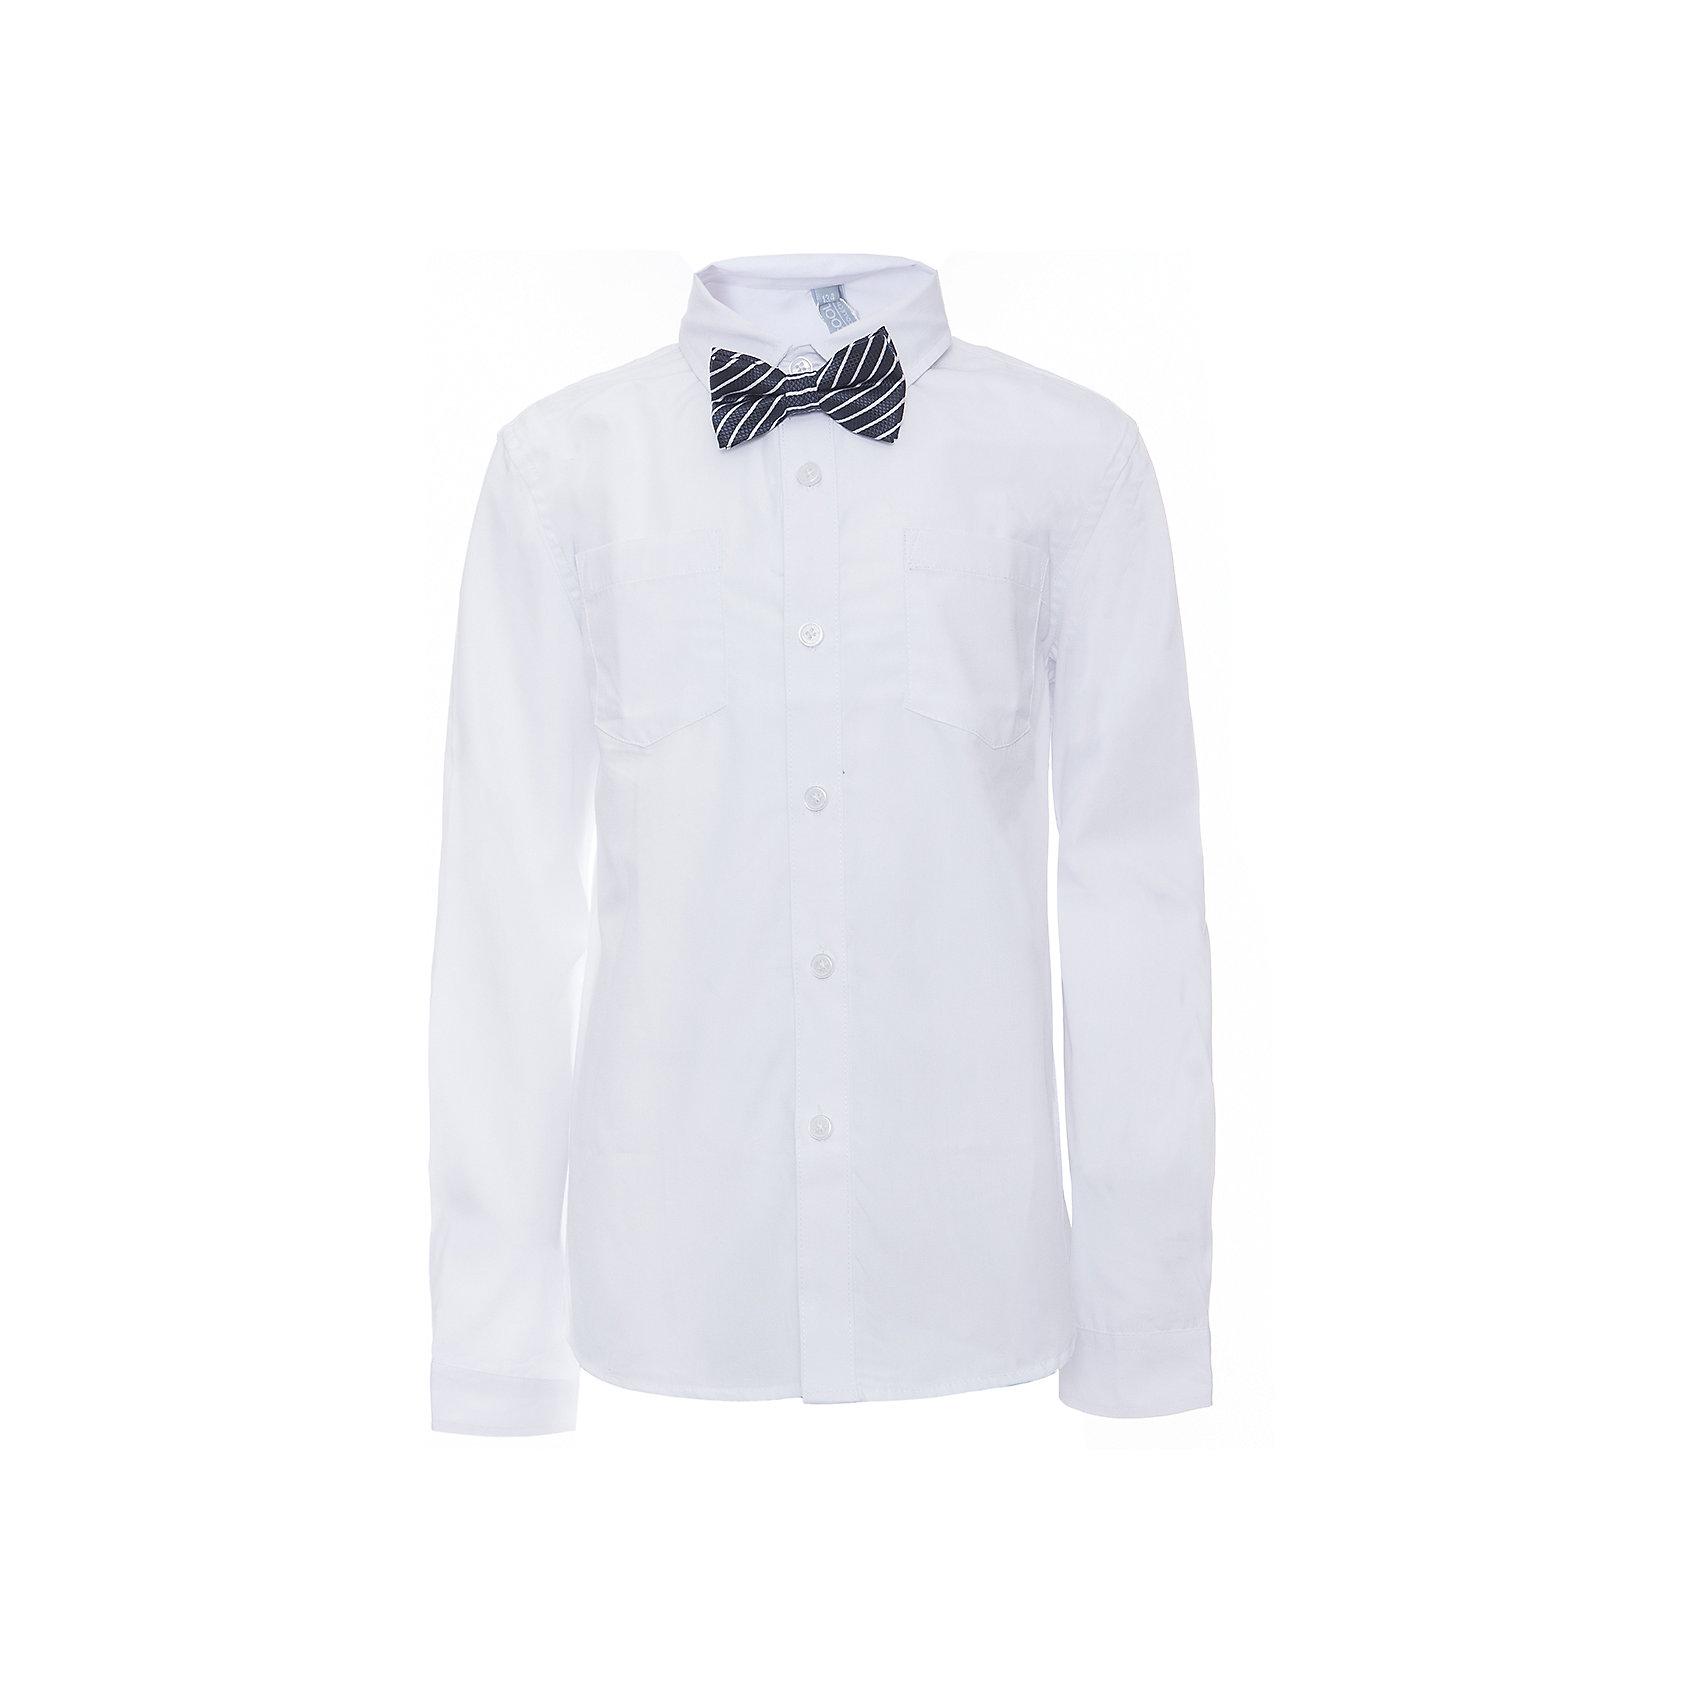 Рубашка для мальчика ScoolБлузки и рубашки<br>Рубашка для мальчика Scool<br>, Сорочка с длинным рукавом в классическом стиле выполнена из смесовой ткани, приятной к телу. Лекало этой модели полностью повторяет лекало модели для взрослого мужчины. Сорочка хорошо сочетается с костюмом в деловом стиле и джинсами. Модель дополнена аккуратным гастуком - бабочкой контрастного цвета.Преимущества: Модель с накладным карманомРукава сорочки с манжетами<br>Состав:<br>45% хлопок, 55% полиэстер<br><br>Ширина мм: 174<br>Глубина мм: 10<br>Высота мм: 169<br>Вес г: 157<br>Цвет: полуночно-синий<br>Возраст от месяцев: 120<br>Возраст до месяцев: 132<br>Пол: Мужской<br>Возраст: Детский<br>Размер: 146,152,158,164,122,128,134,140<br>SKU: 6754462